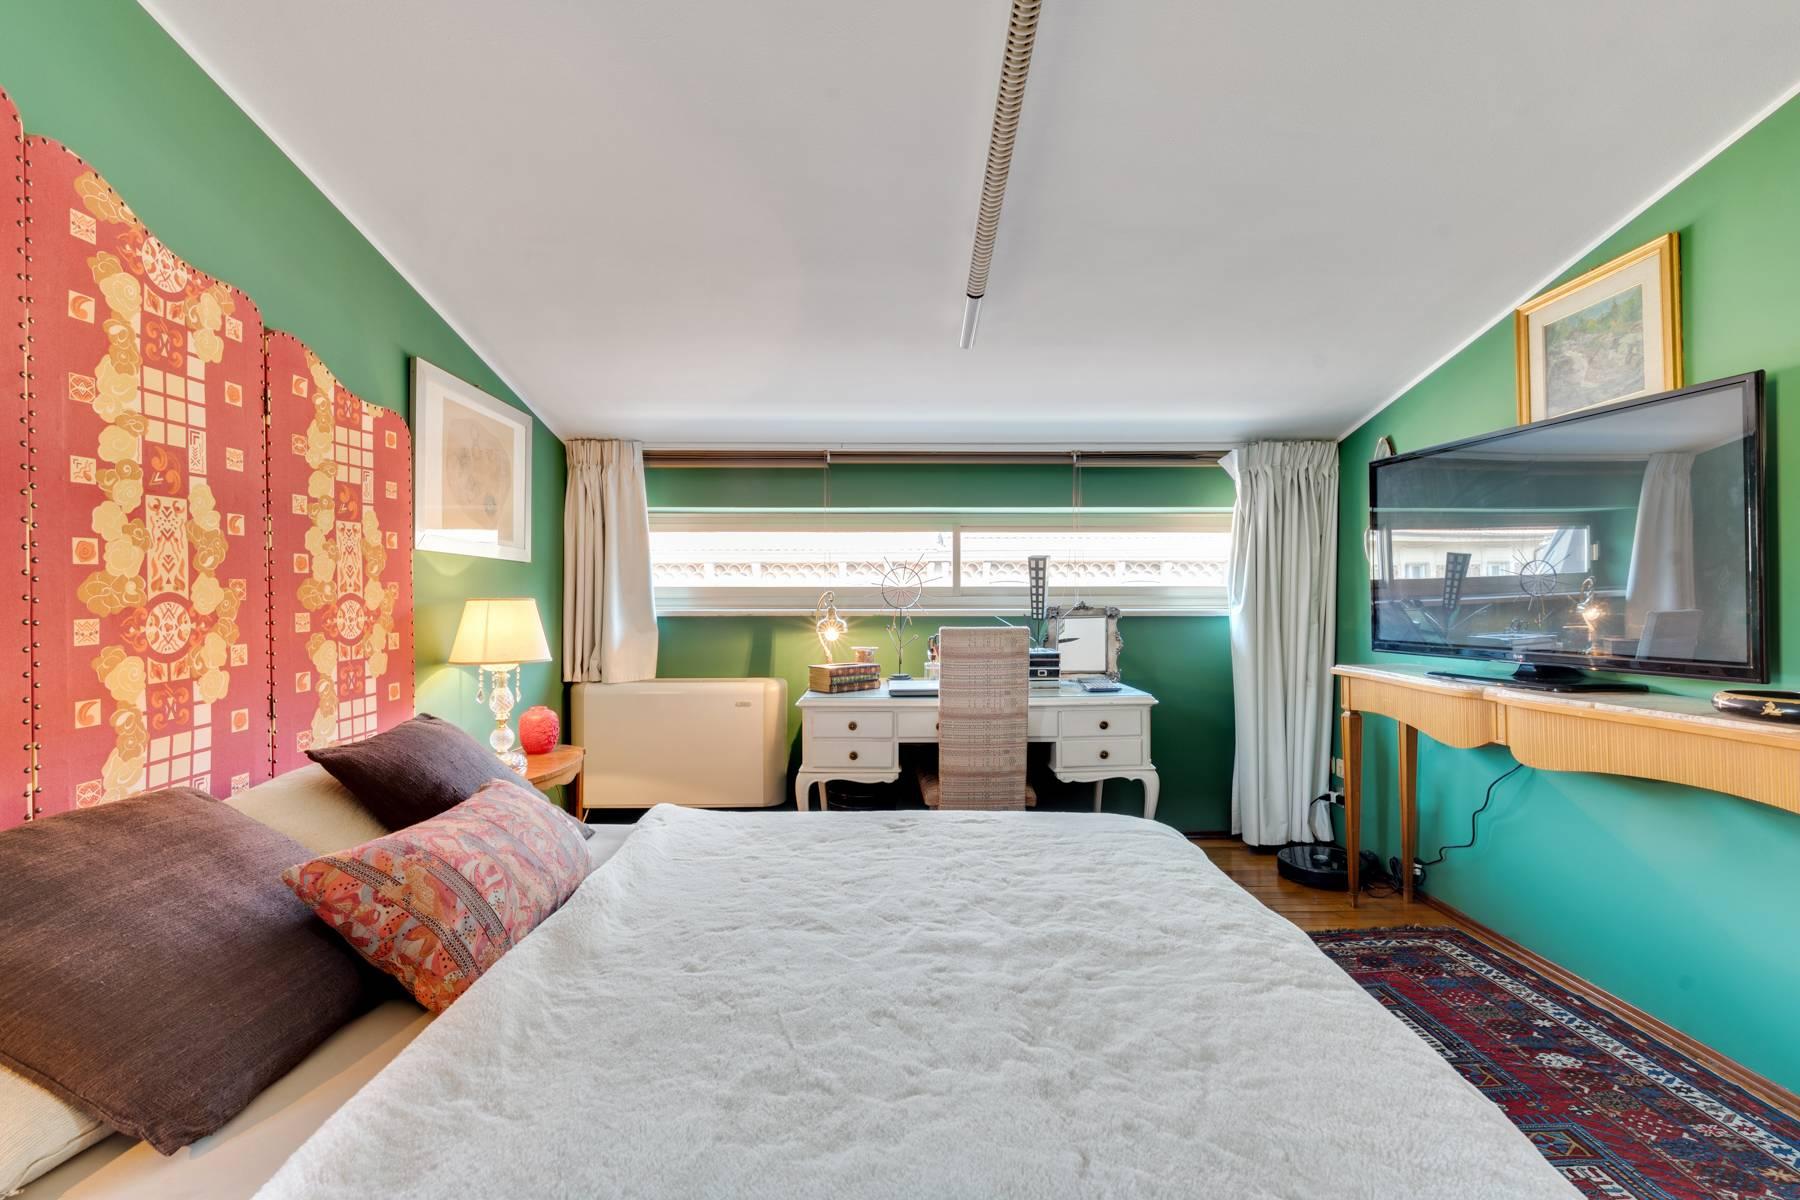 Appartamento in Vendita a Torino: 4 locali, 124 mq - Foto 4